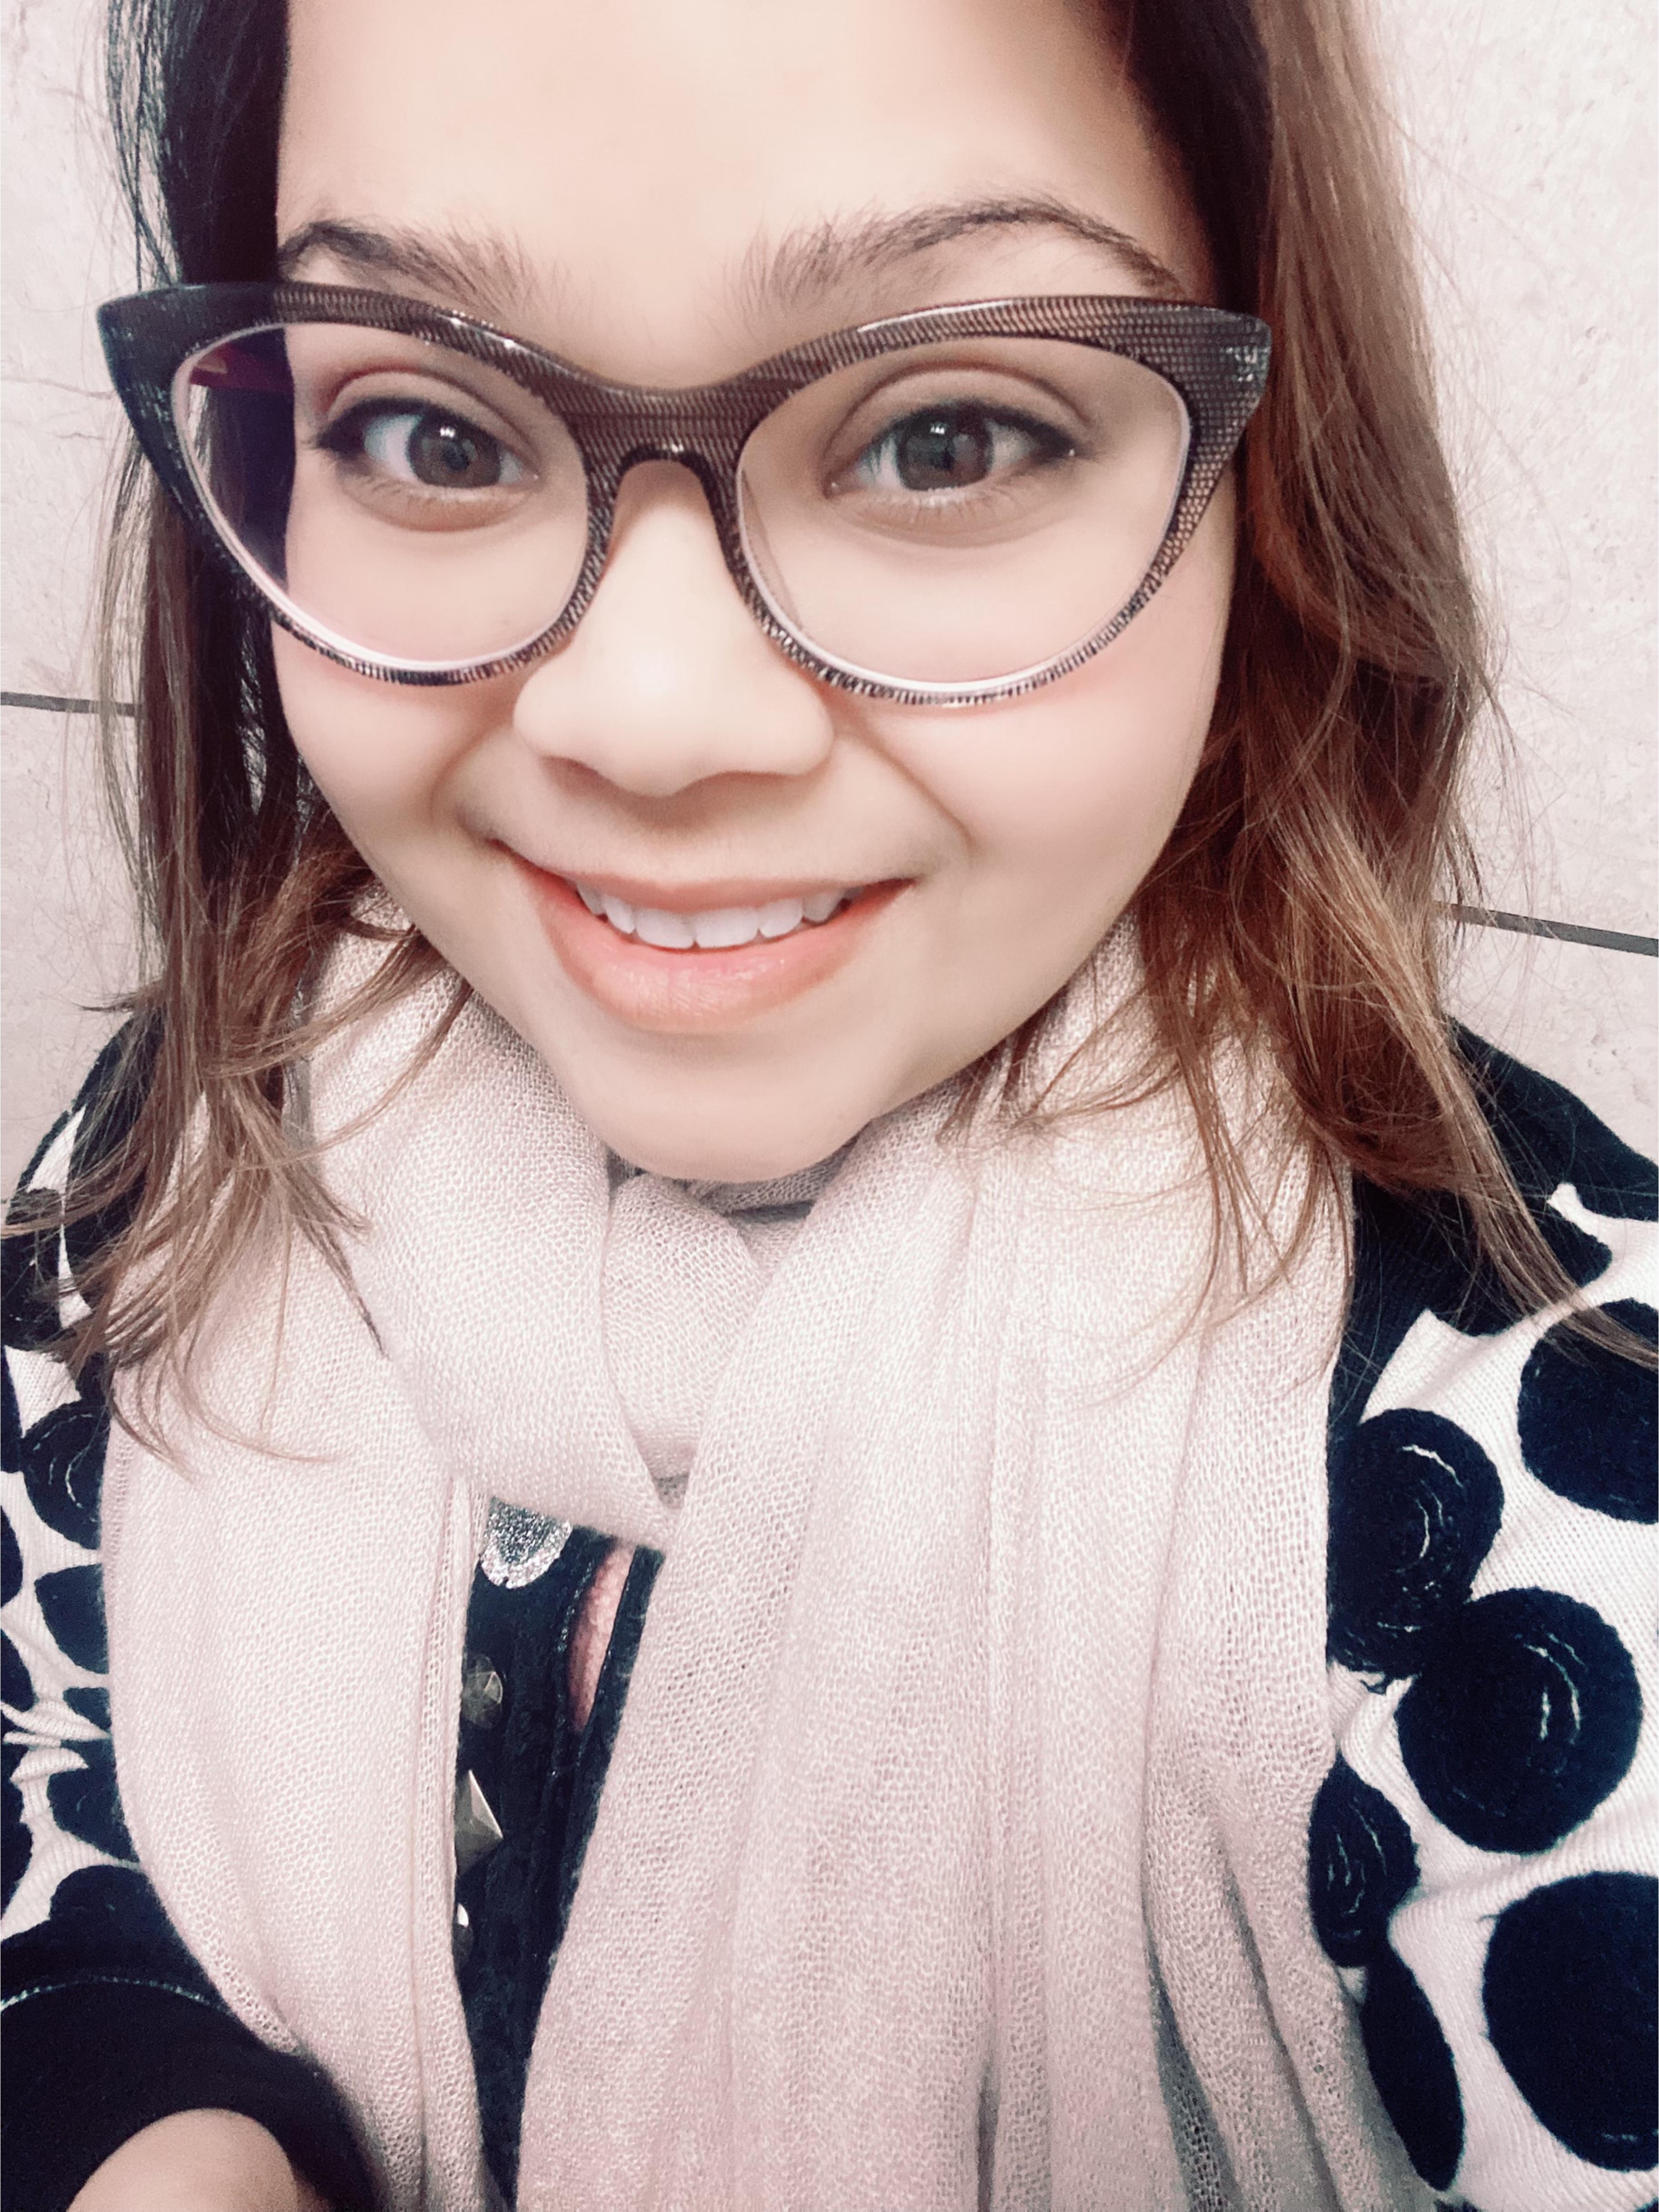 Cat eyes 😸👀 #hercreativepalace #kanikasharma #blogger #influencer